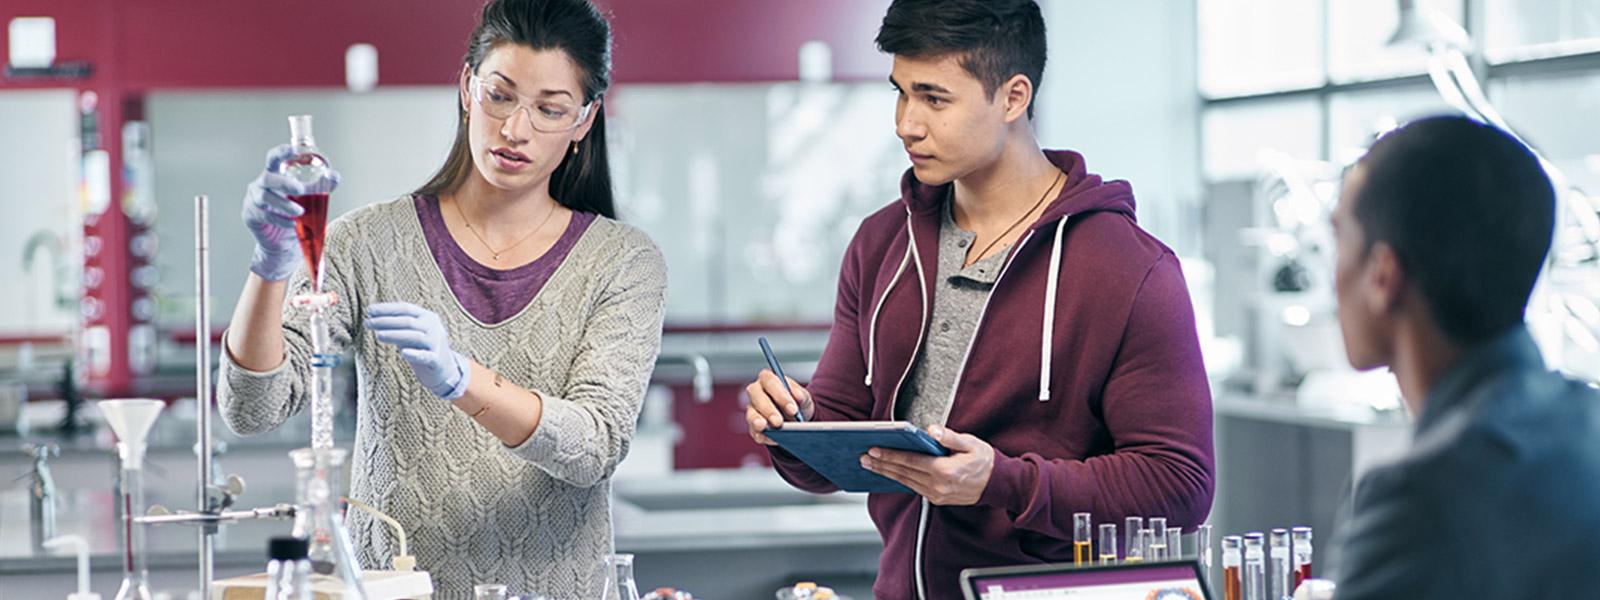 Kolme opiskelijaa kemian laboratoriossa, yksi käyttää Surface Pro 4:ää tablettitilassa ja toinen kannettavan tietokoneen tilassa.